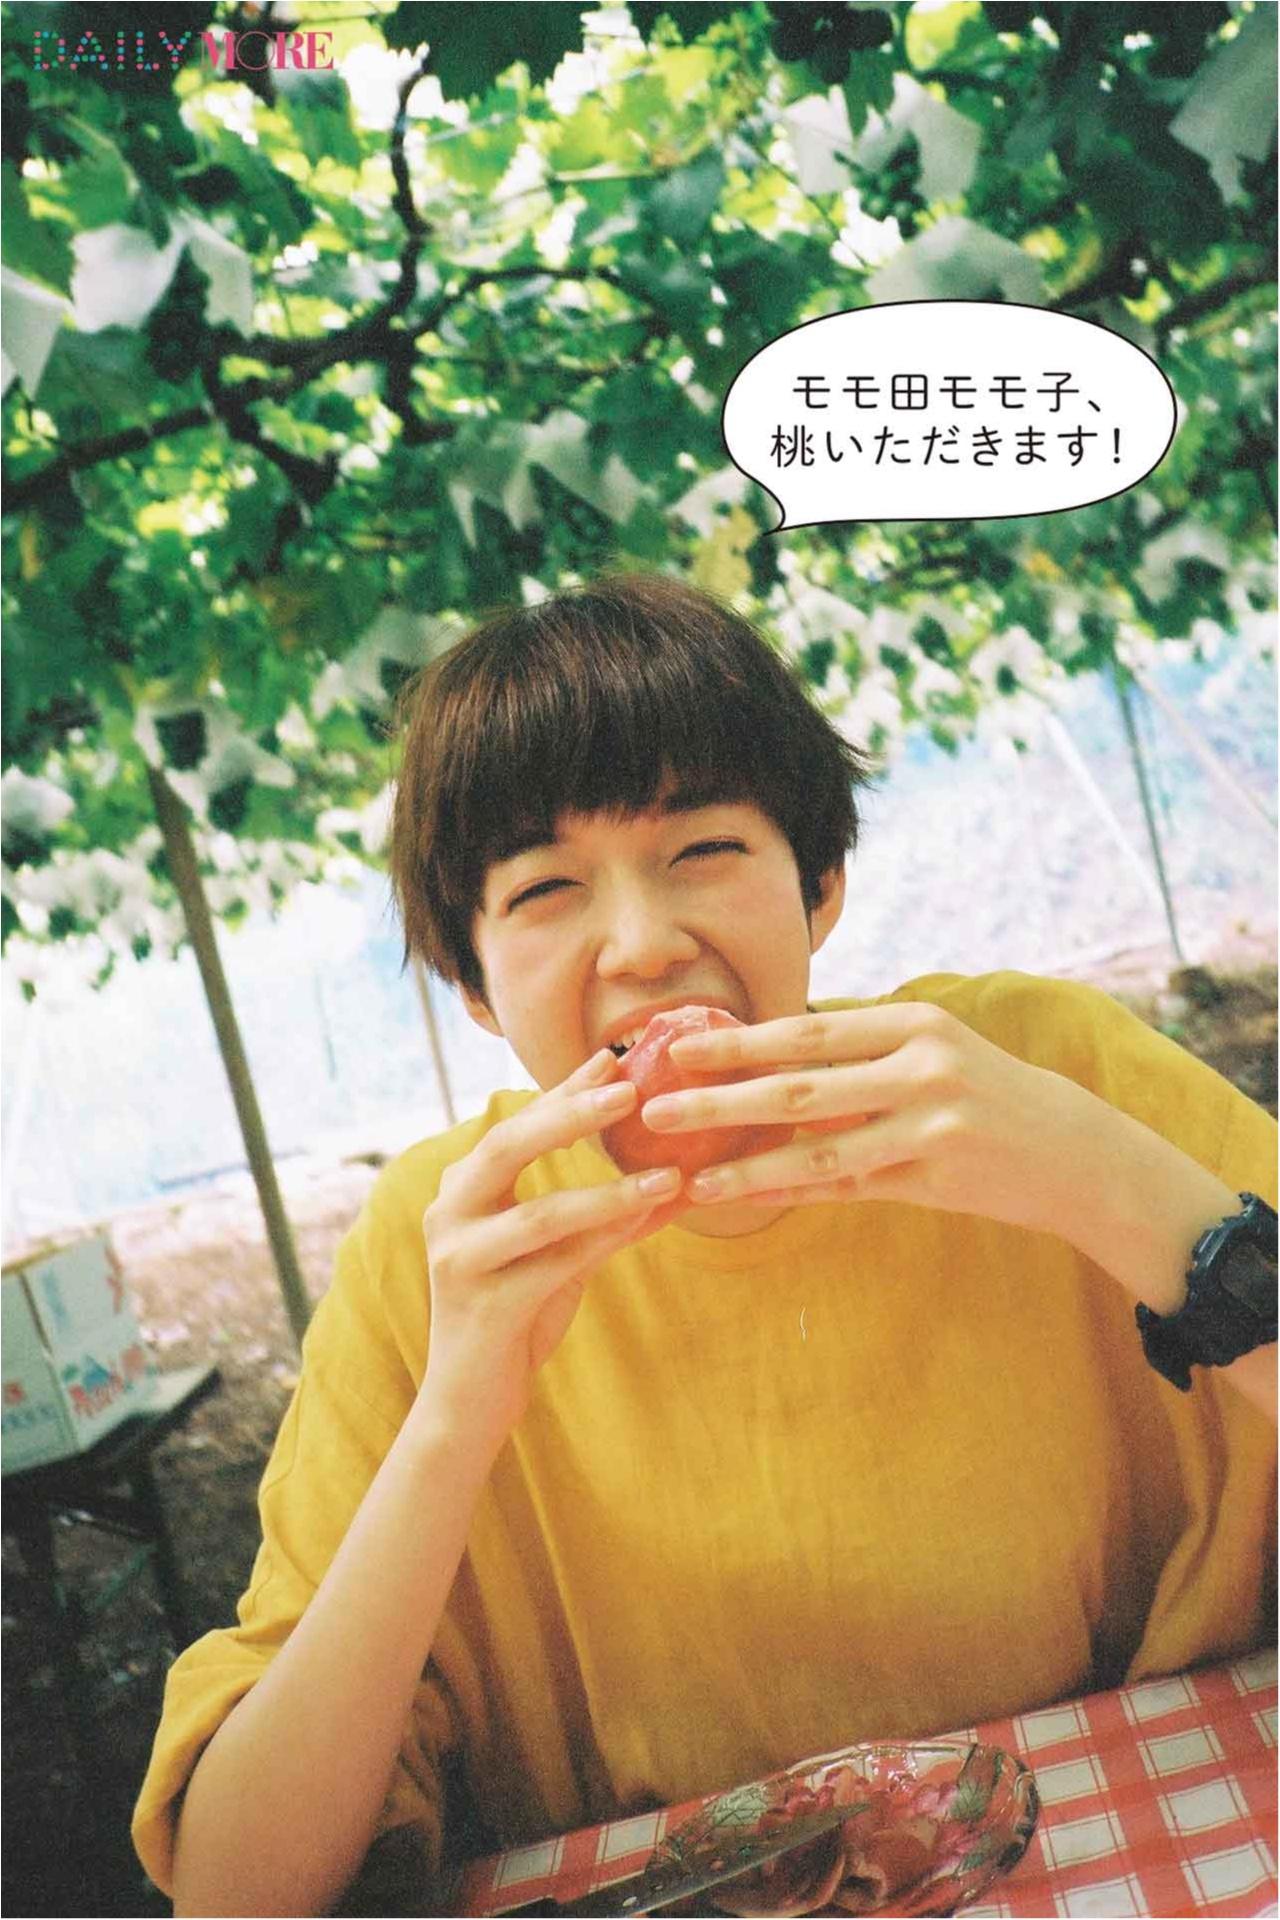 大好きなフルーツが鈴なり♪ 佐藤栞里が「桃狩り」にGO!【栞里のちょっと行ってみ!?】_2